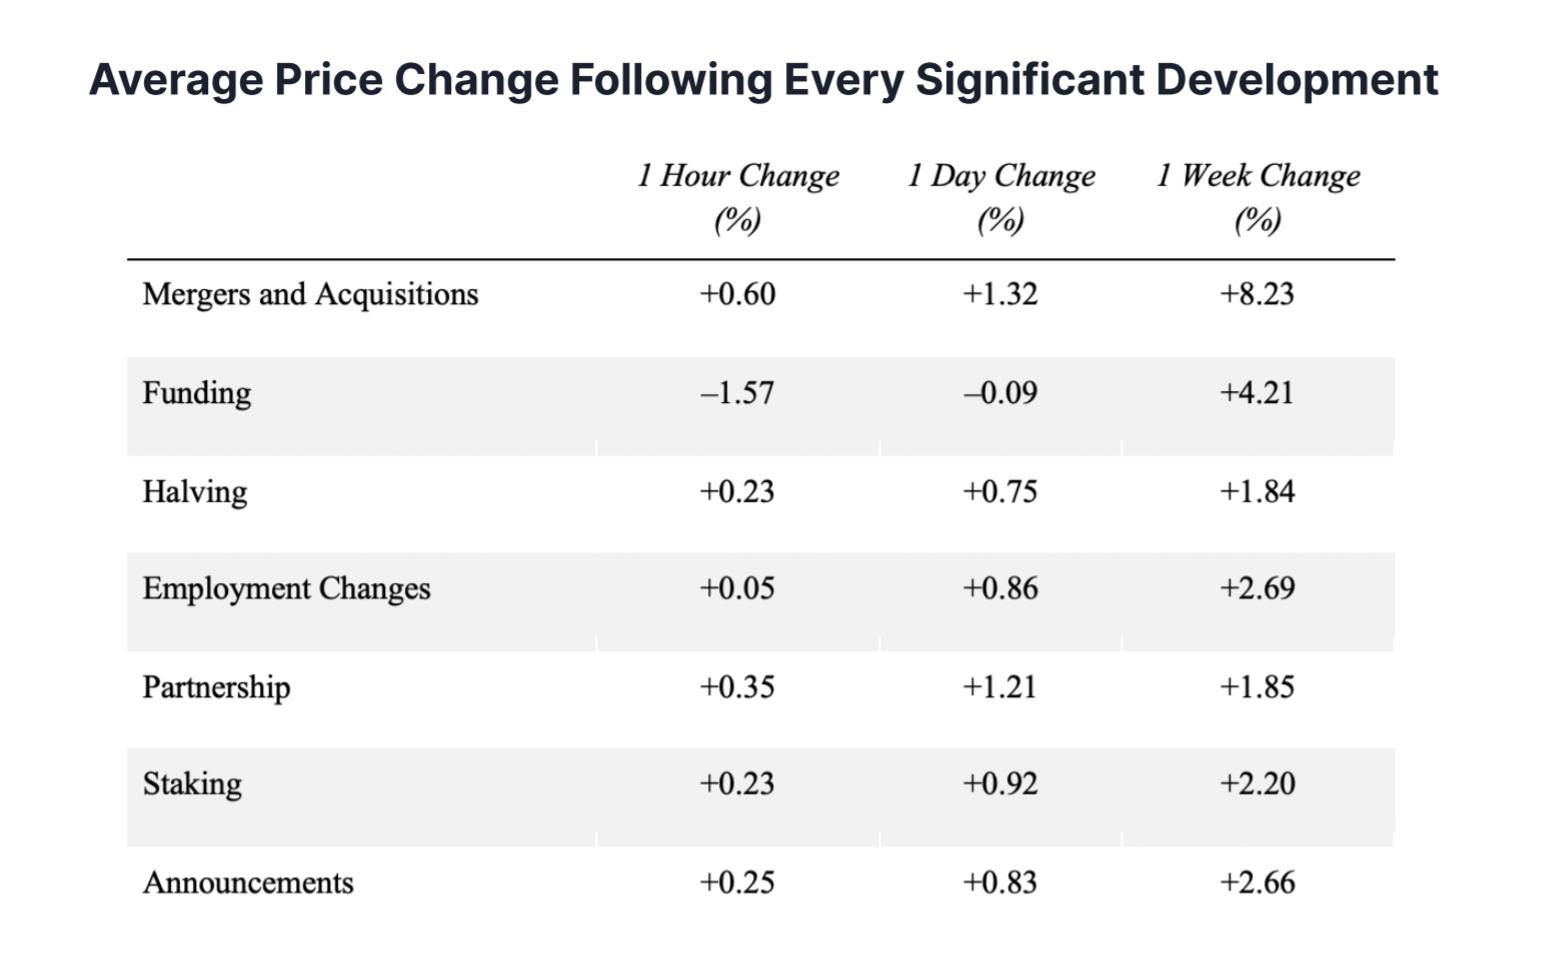 La variazione di prezzo media dei crypto asset in seguito a uno sviluppo significativo